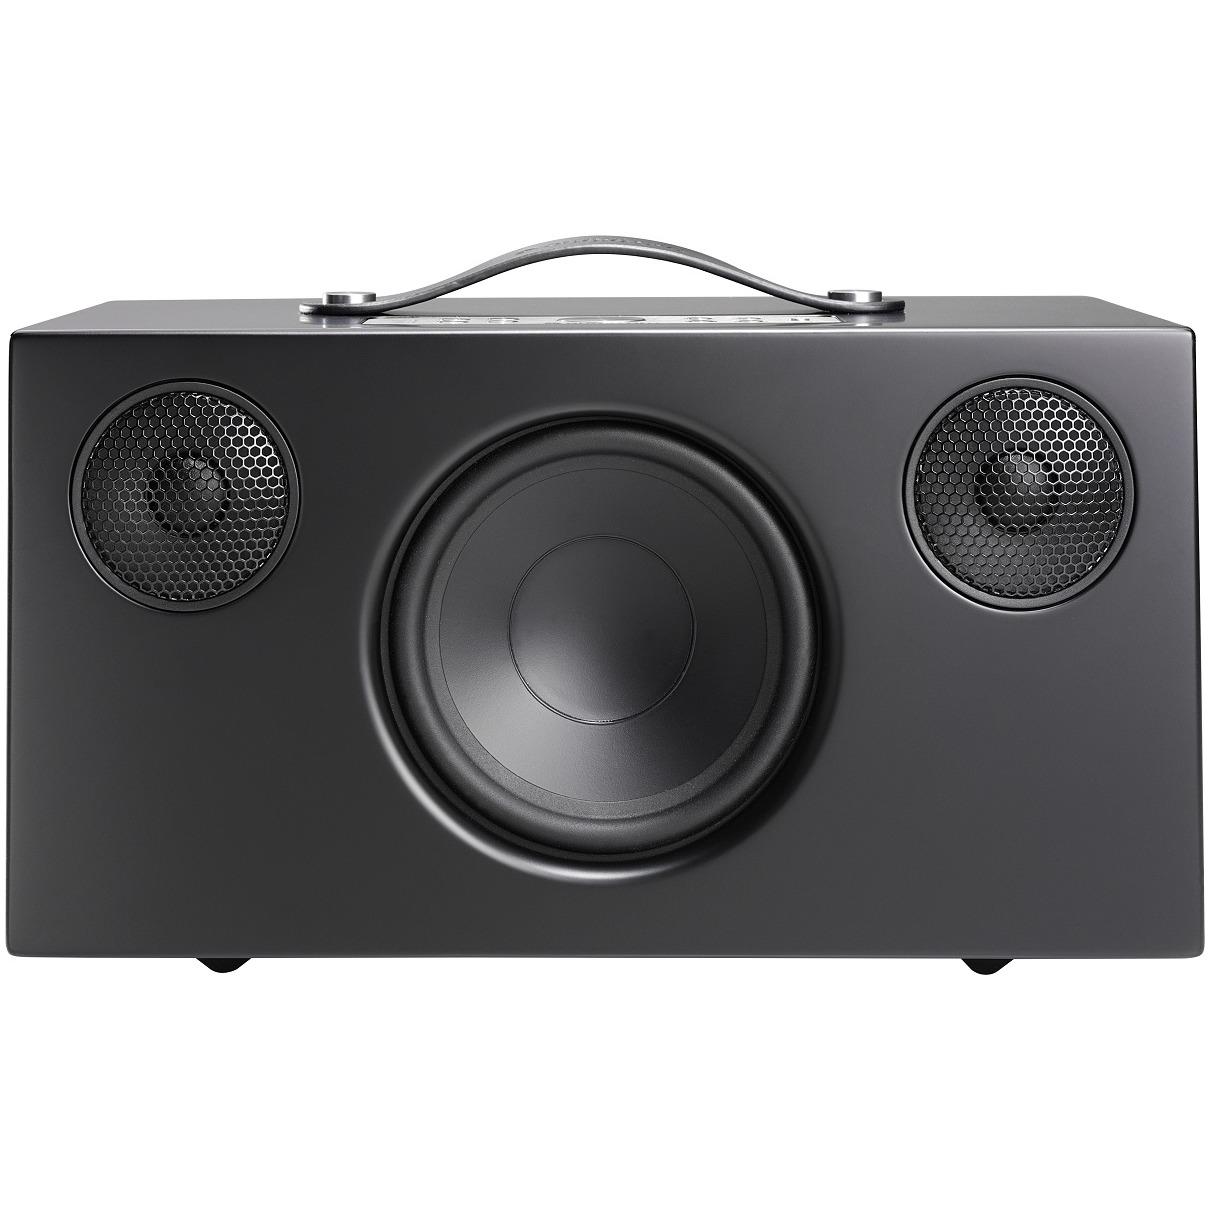 Afbeelding van Audio Pro wifi speaker C10 zwart